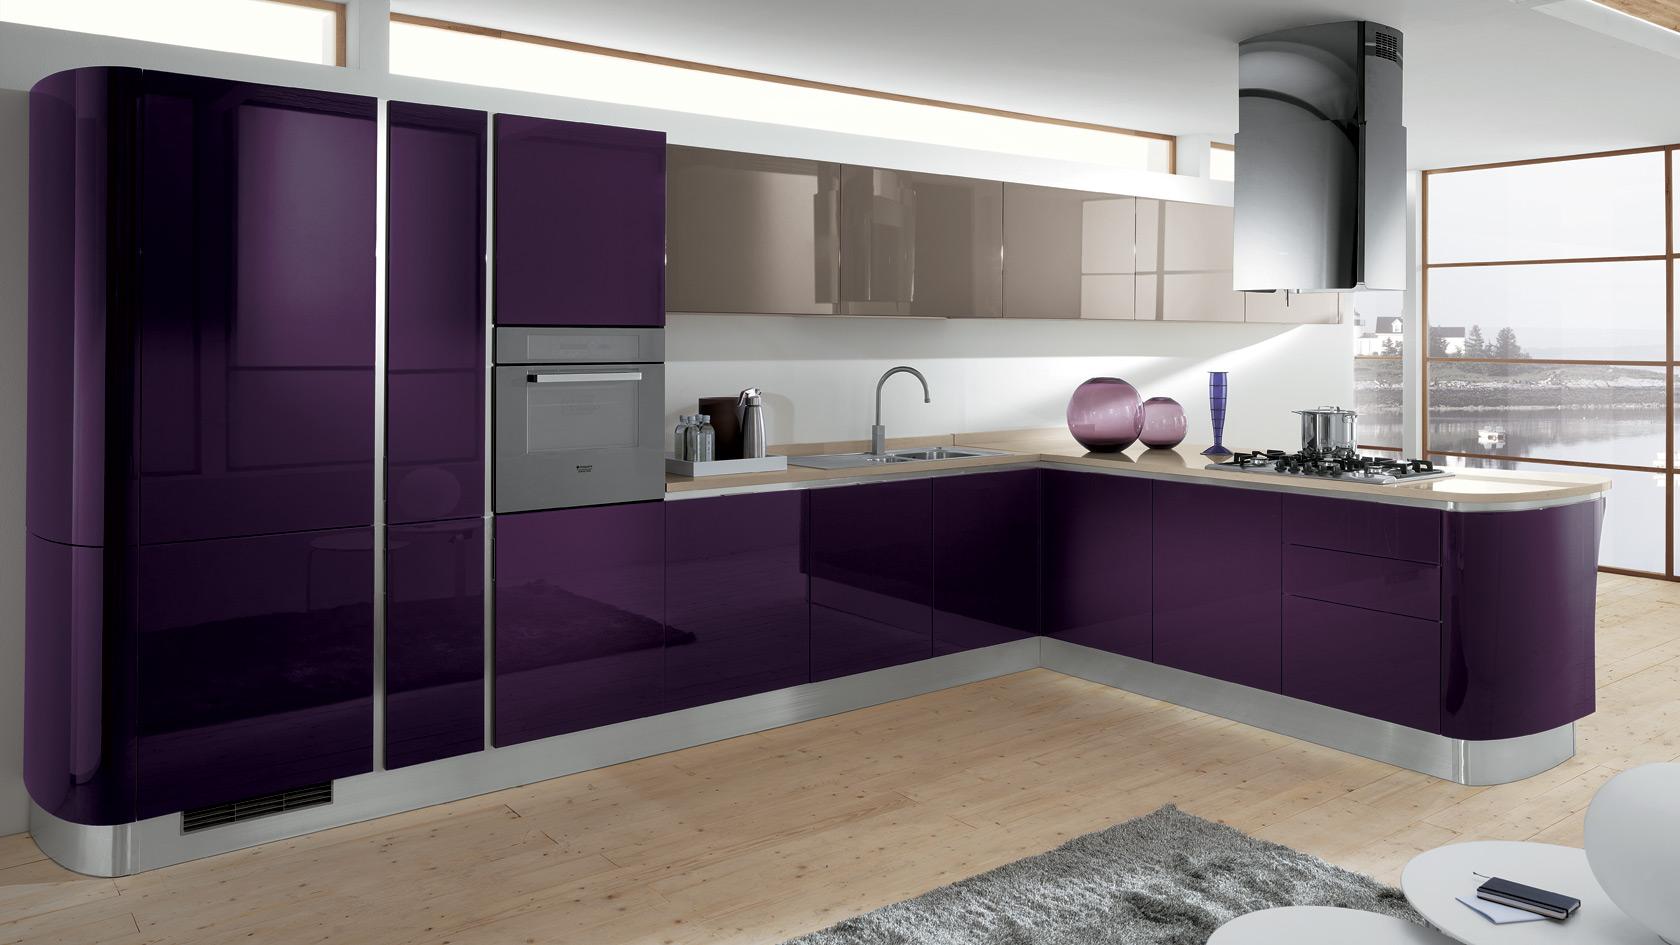 In cucina diamo spazio al colore - Casa di stile